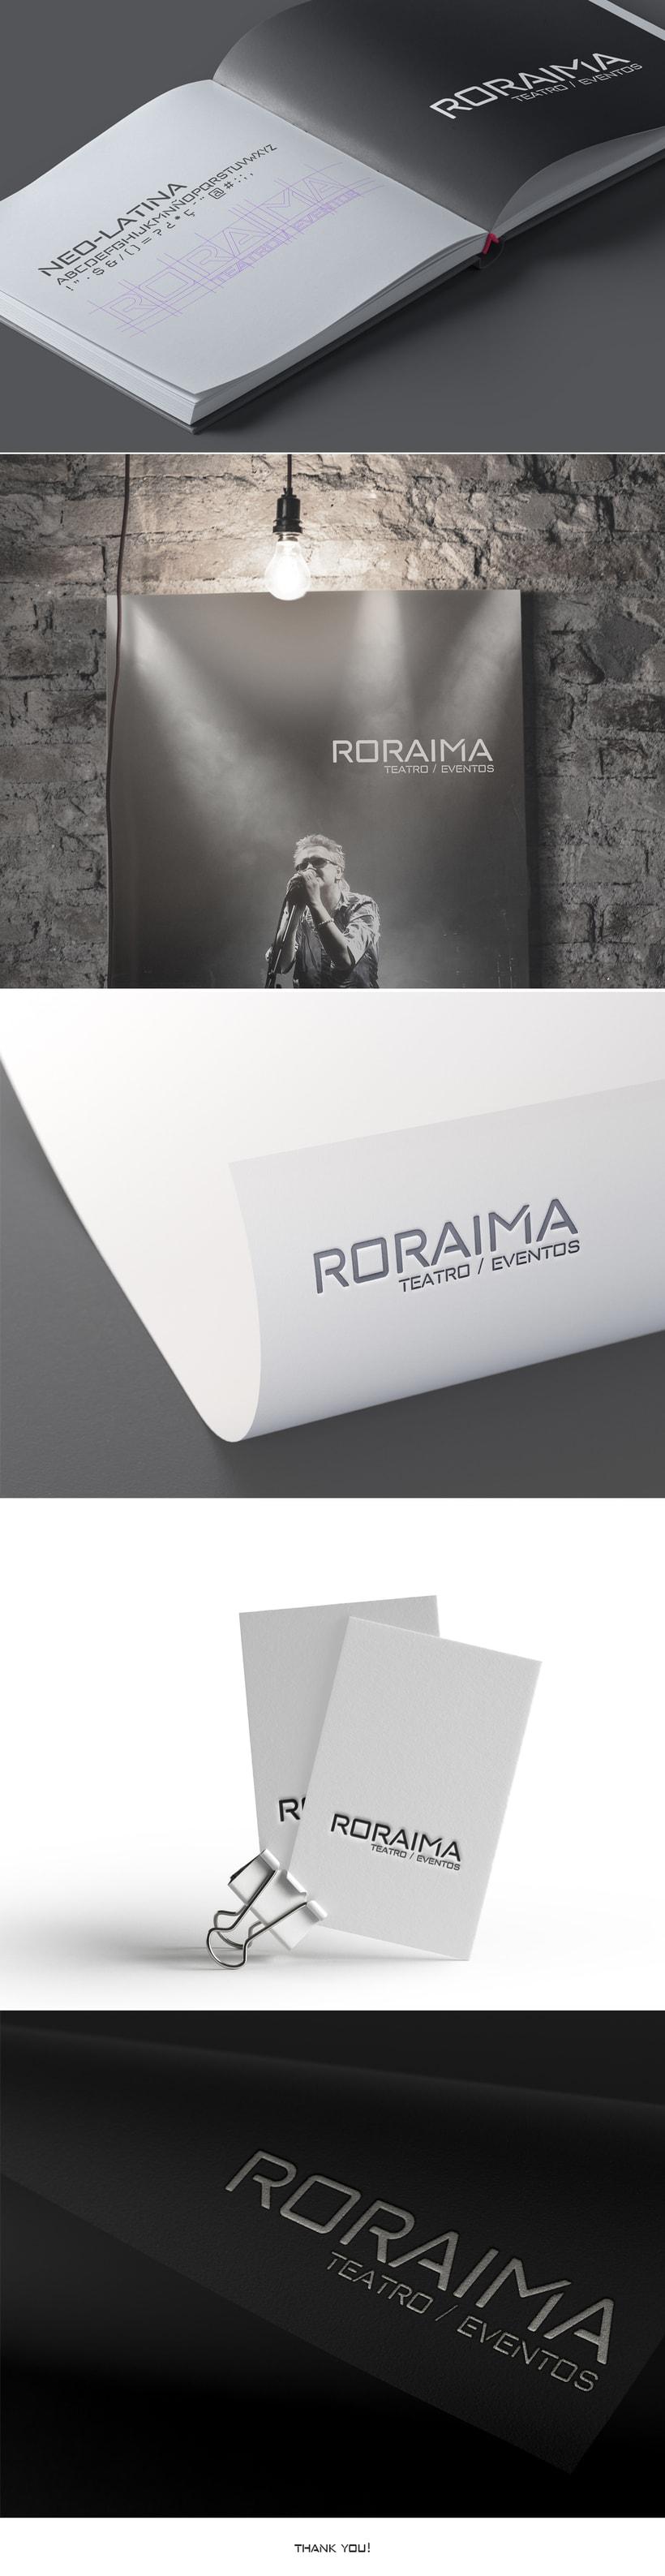 Roraima Teatro / Eventos -1